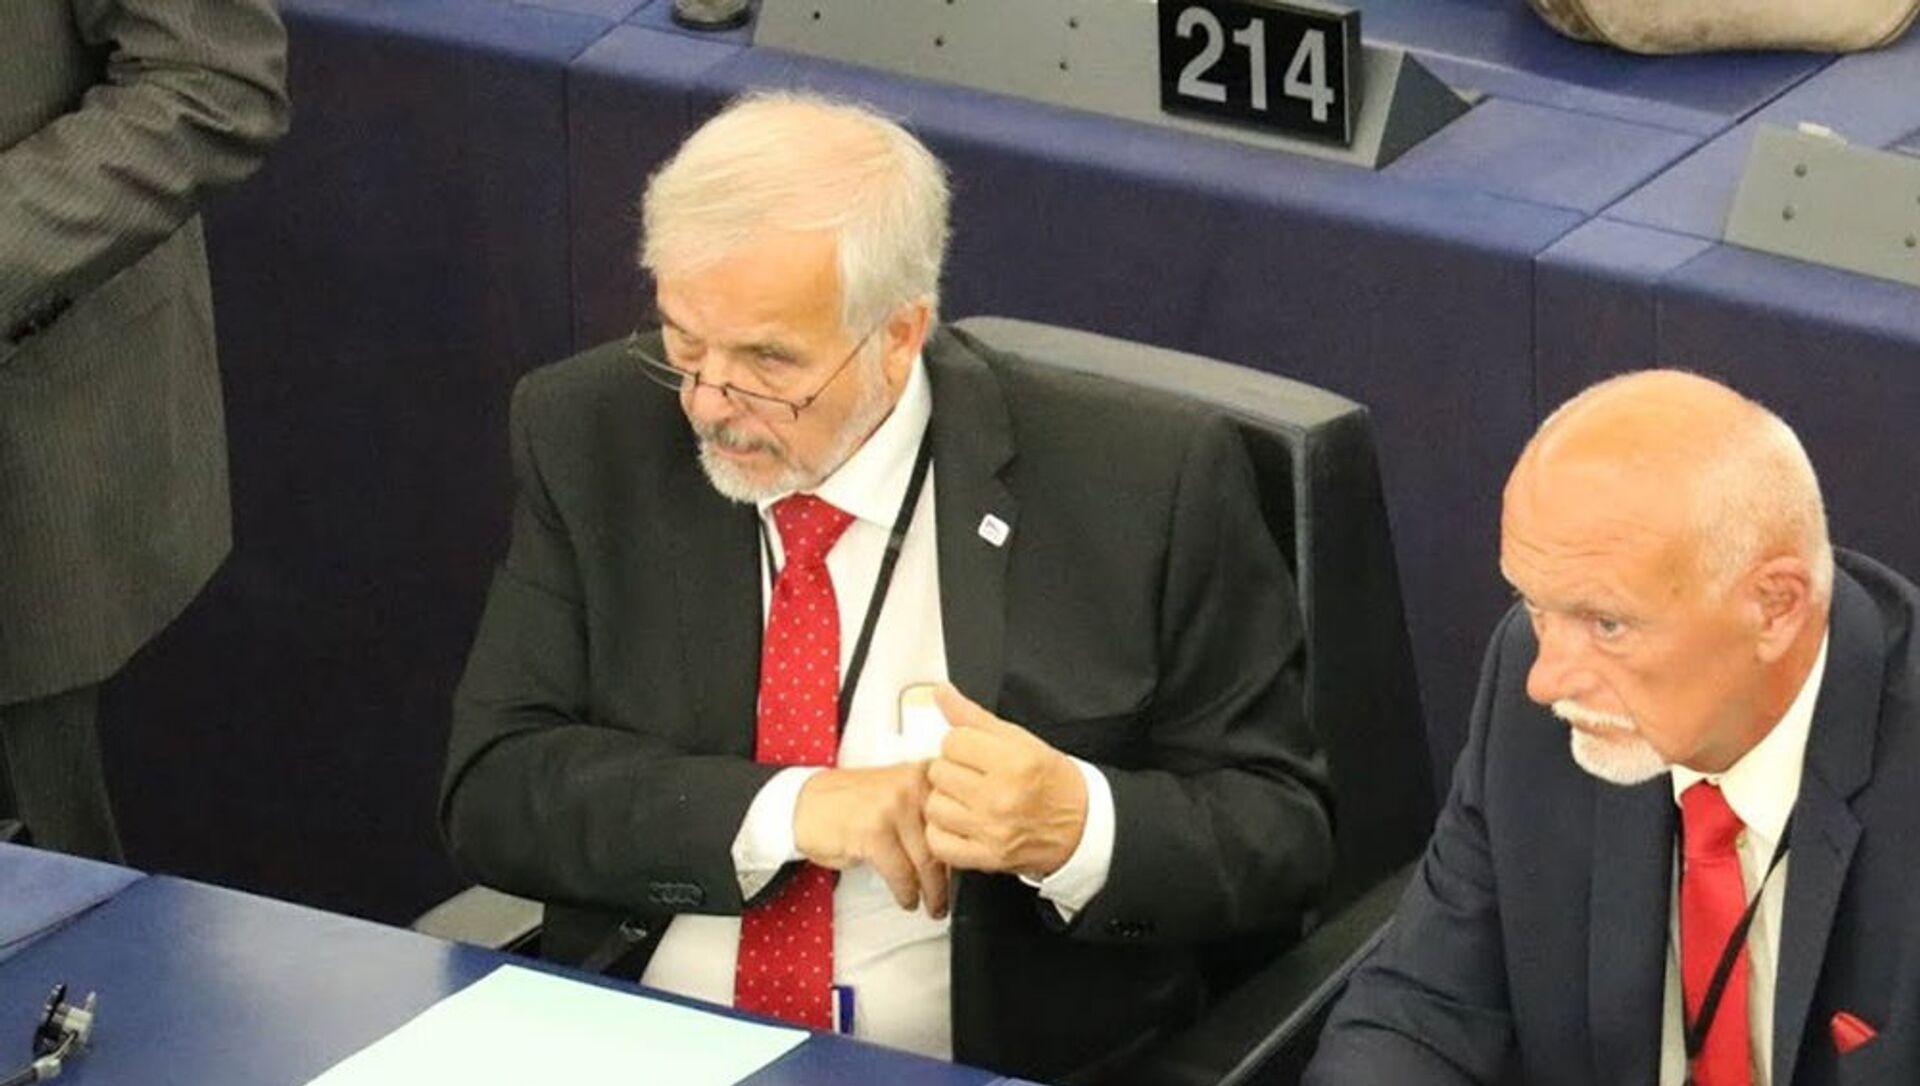 Europoslanci Ivan David a Hynek Blaško (ze strany SPD) na zasedání v Bruselu - Sputnik Česká republika, 1920, 30.03.2021